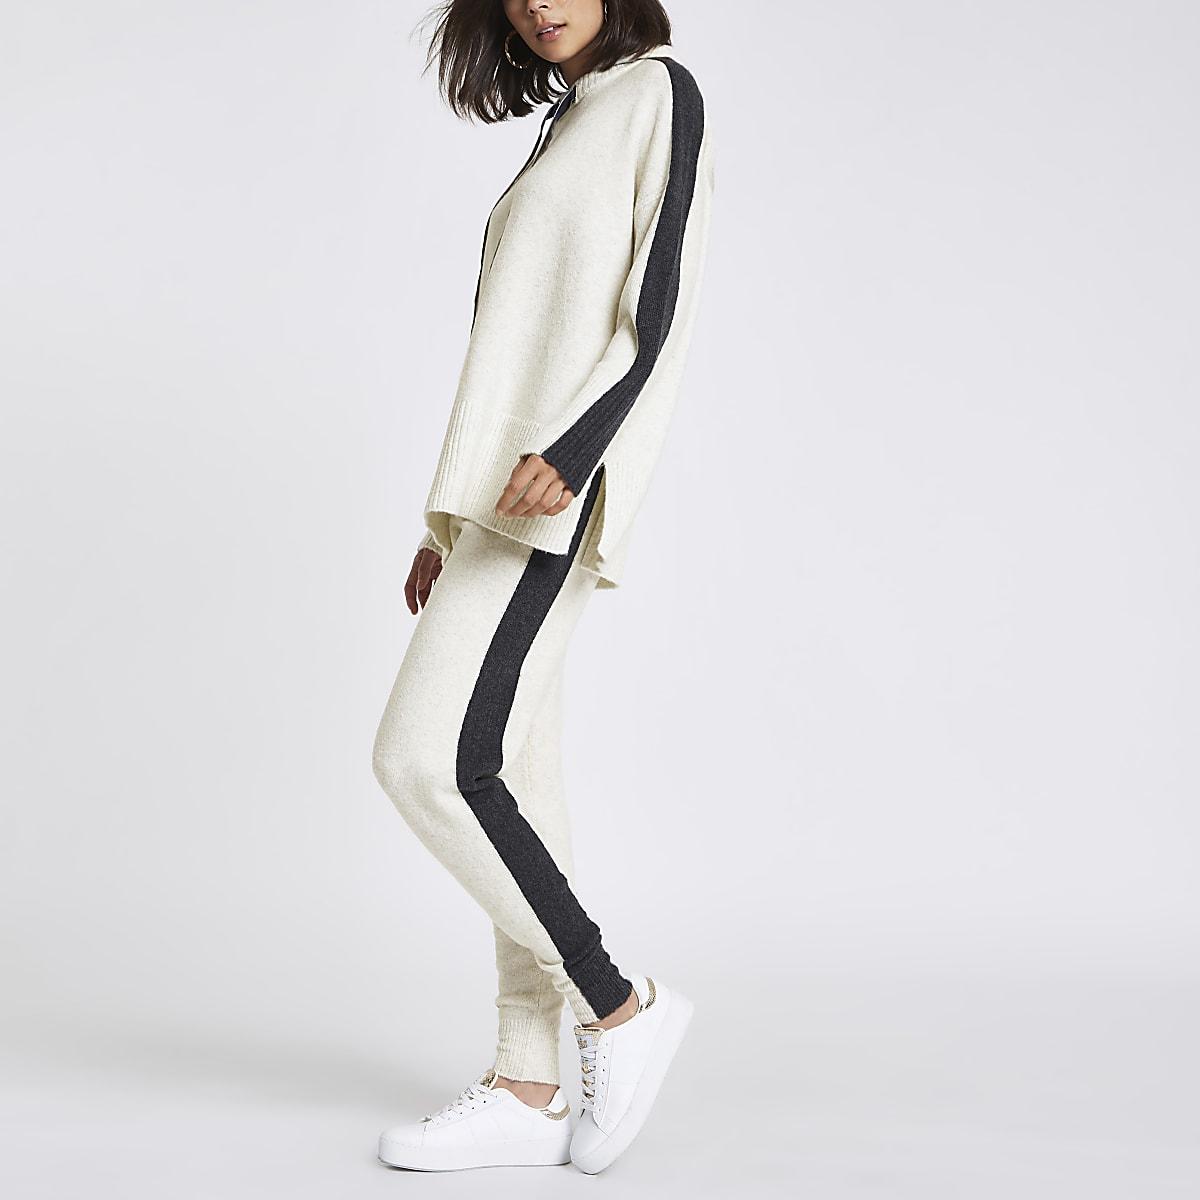 Pantalon de jogging en maille beige à rayures sur les côtés